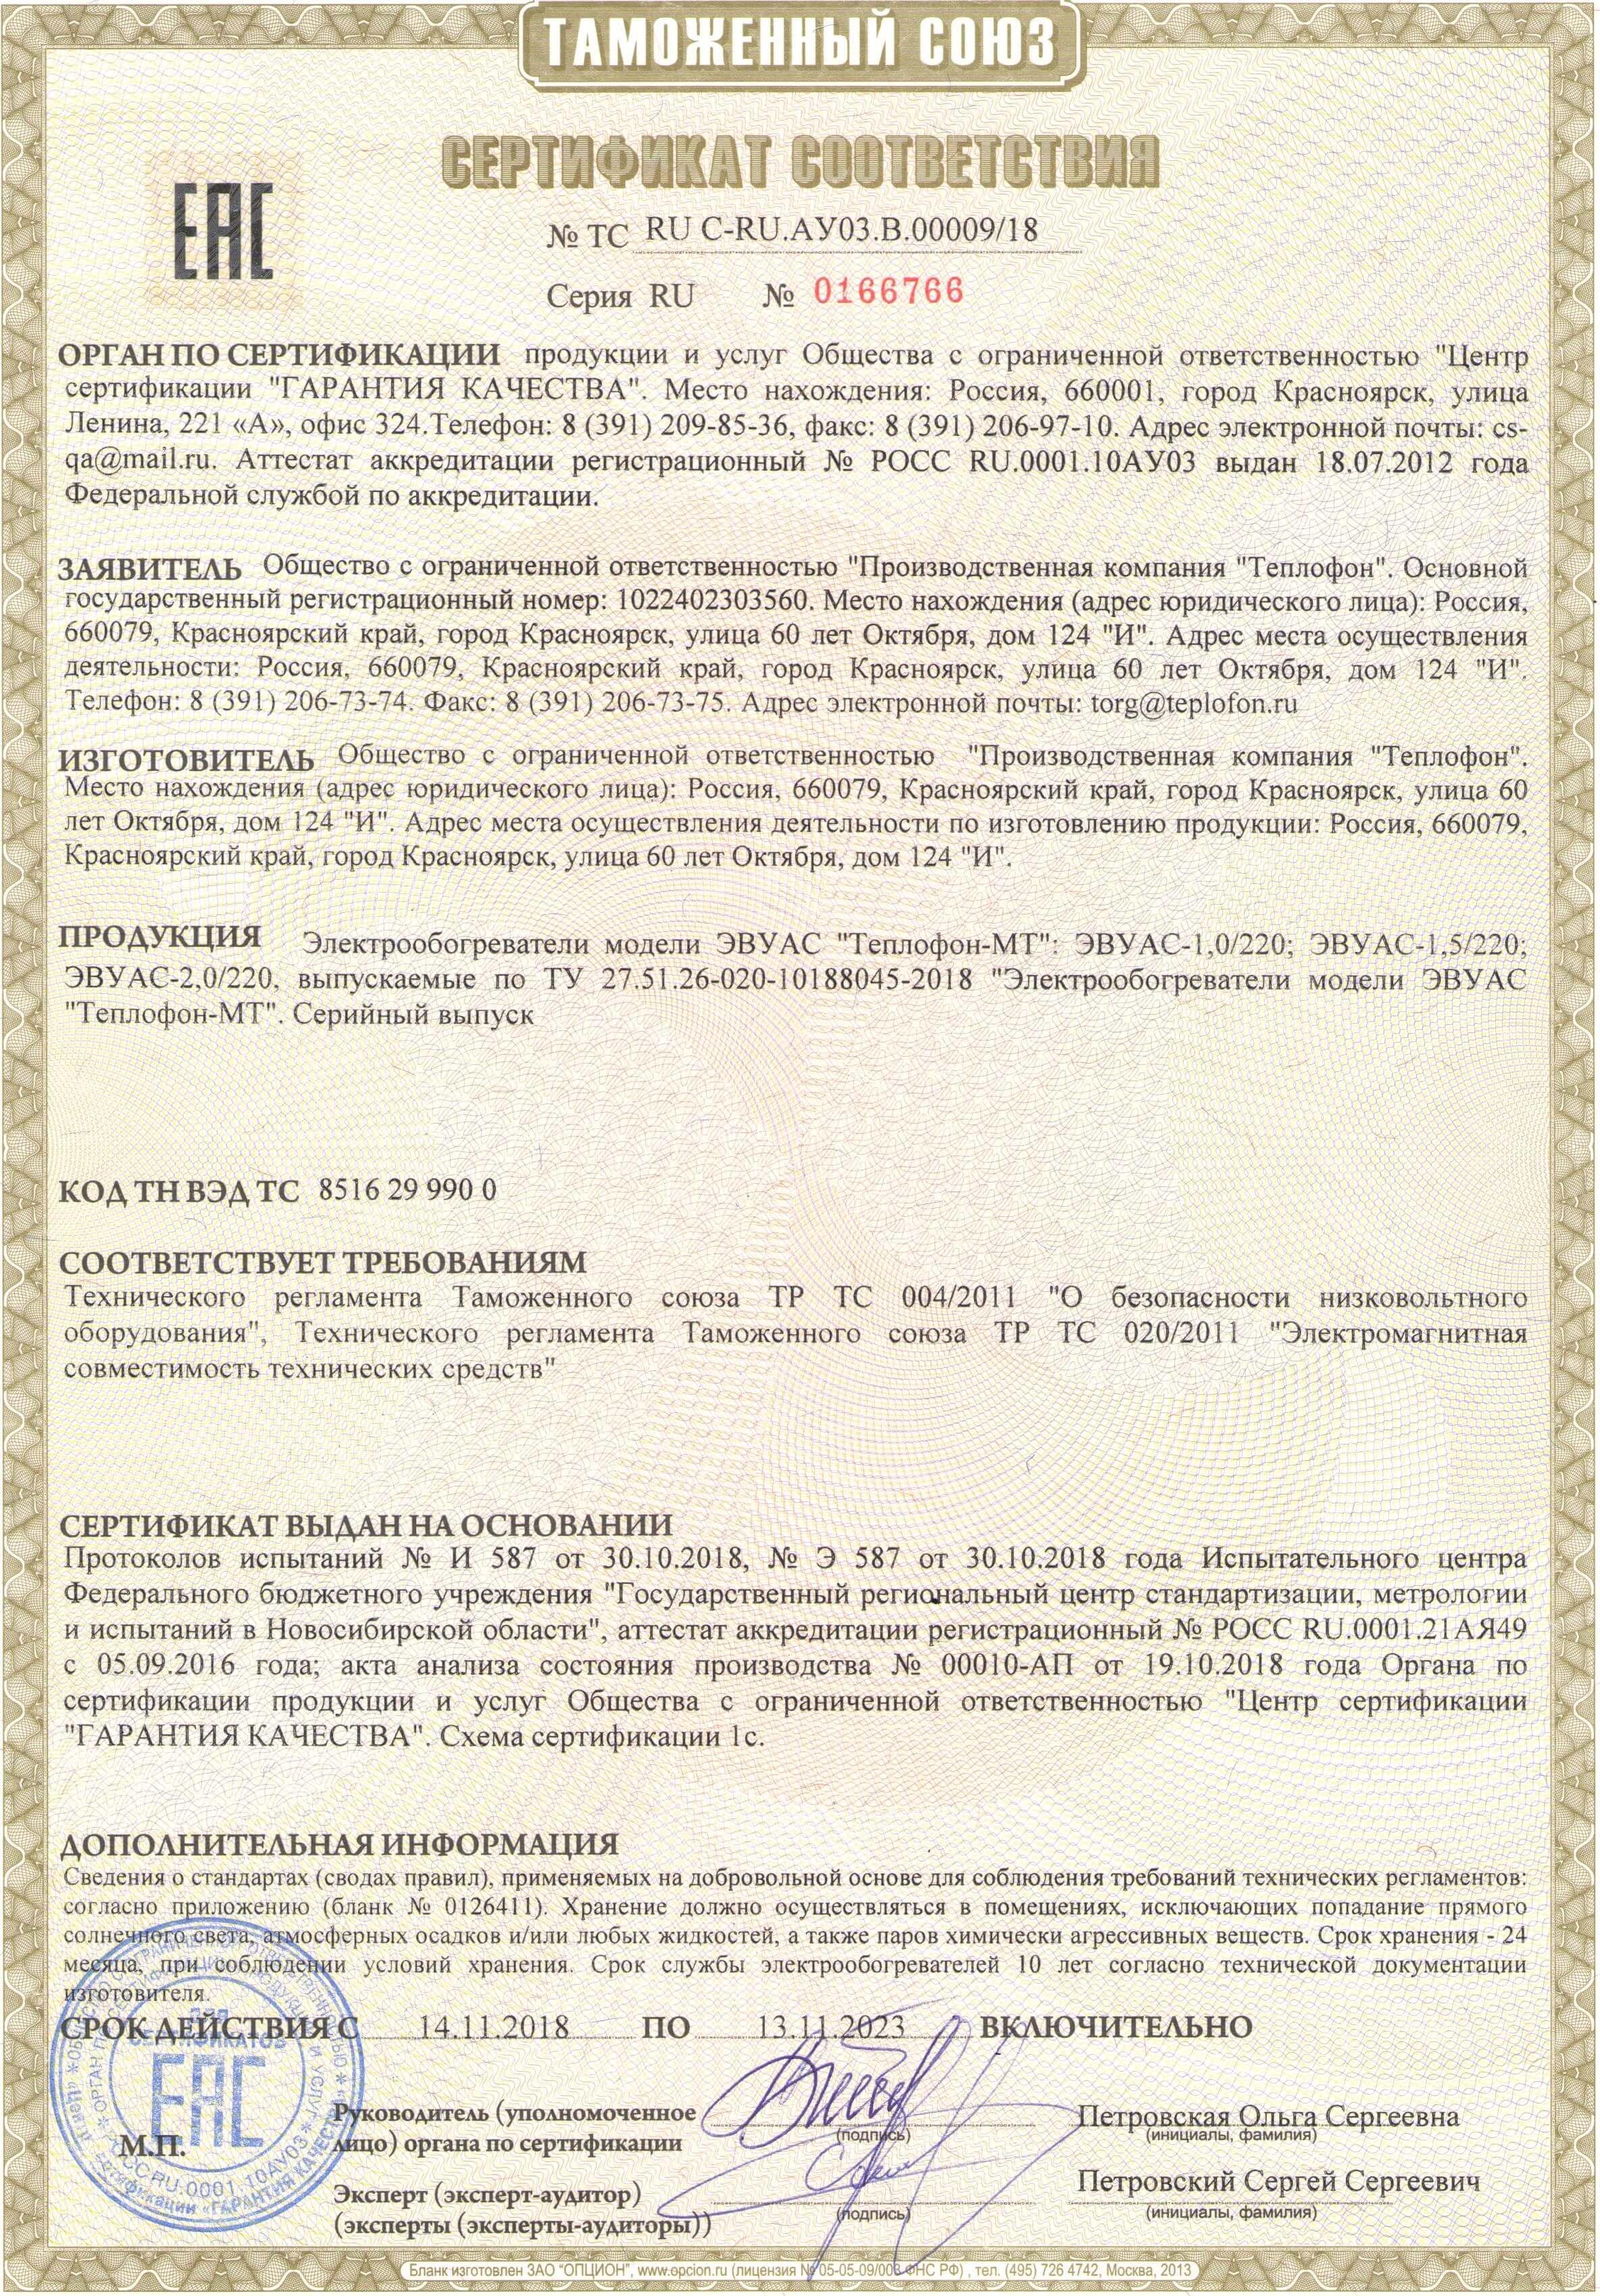 Сертификат соответствия на обогреватели Теплофон MT